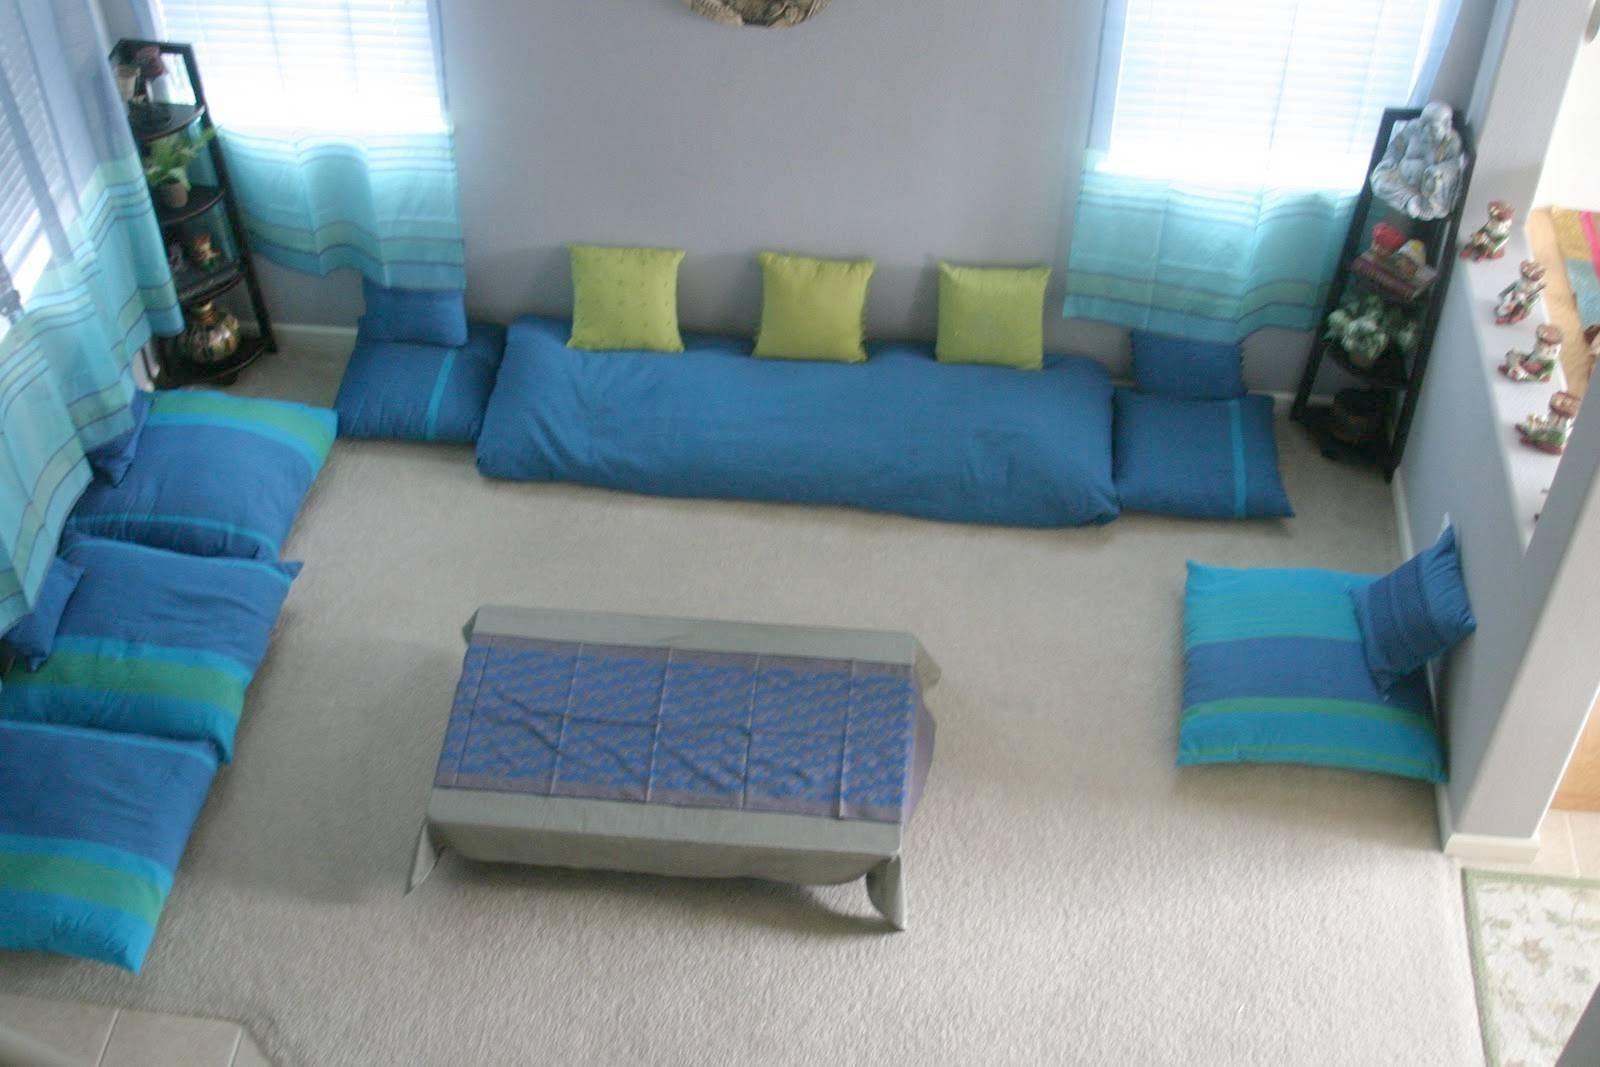 Diy Home Decoration Ideas Living Room 15 Awesome Easy Diy Home D Floor Seating Living Room Living Room Without Sofa Living Room Seating Ideas Without Sofa